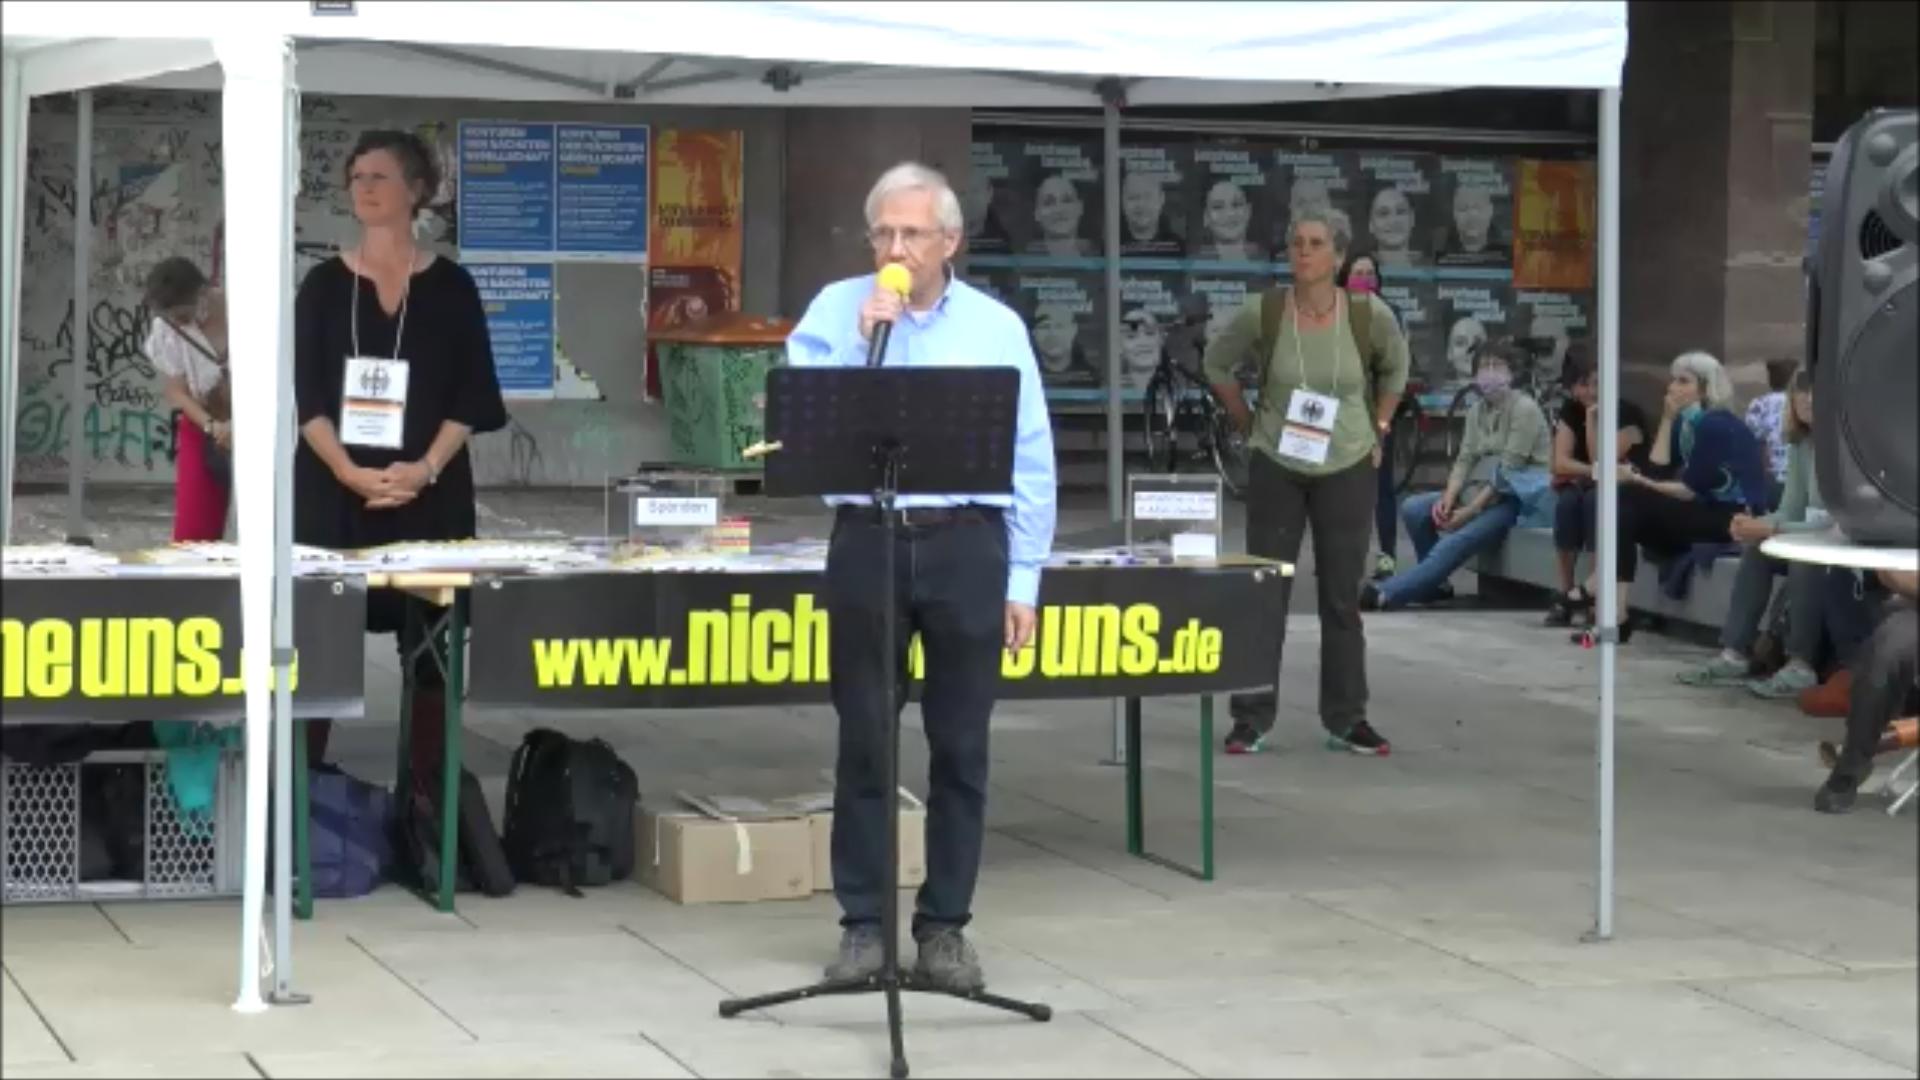 Dr. med.Thomas Külken Querdenken-761 Freiburg 13 Juni 2020 Demonstration für die Grundrechte